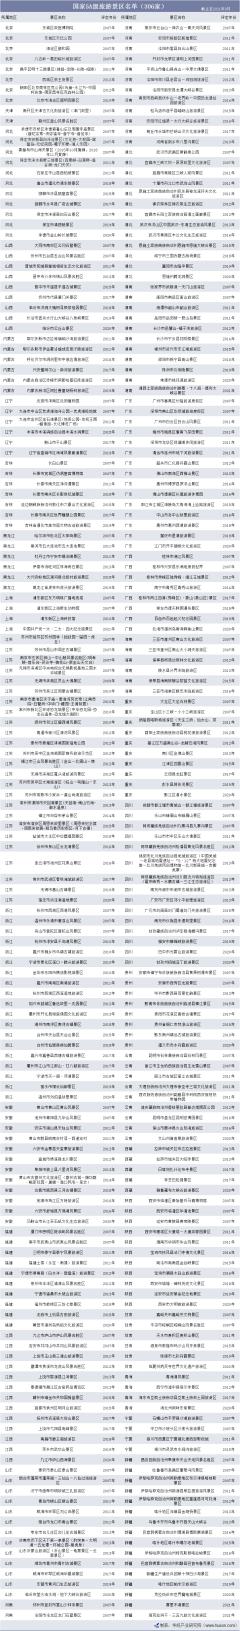 2021年中国5A级旅游景区名单及各地区景点分布数量统计